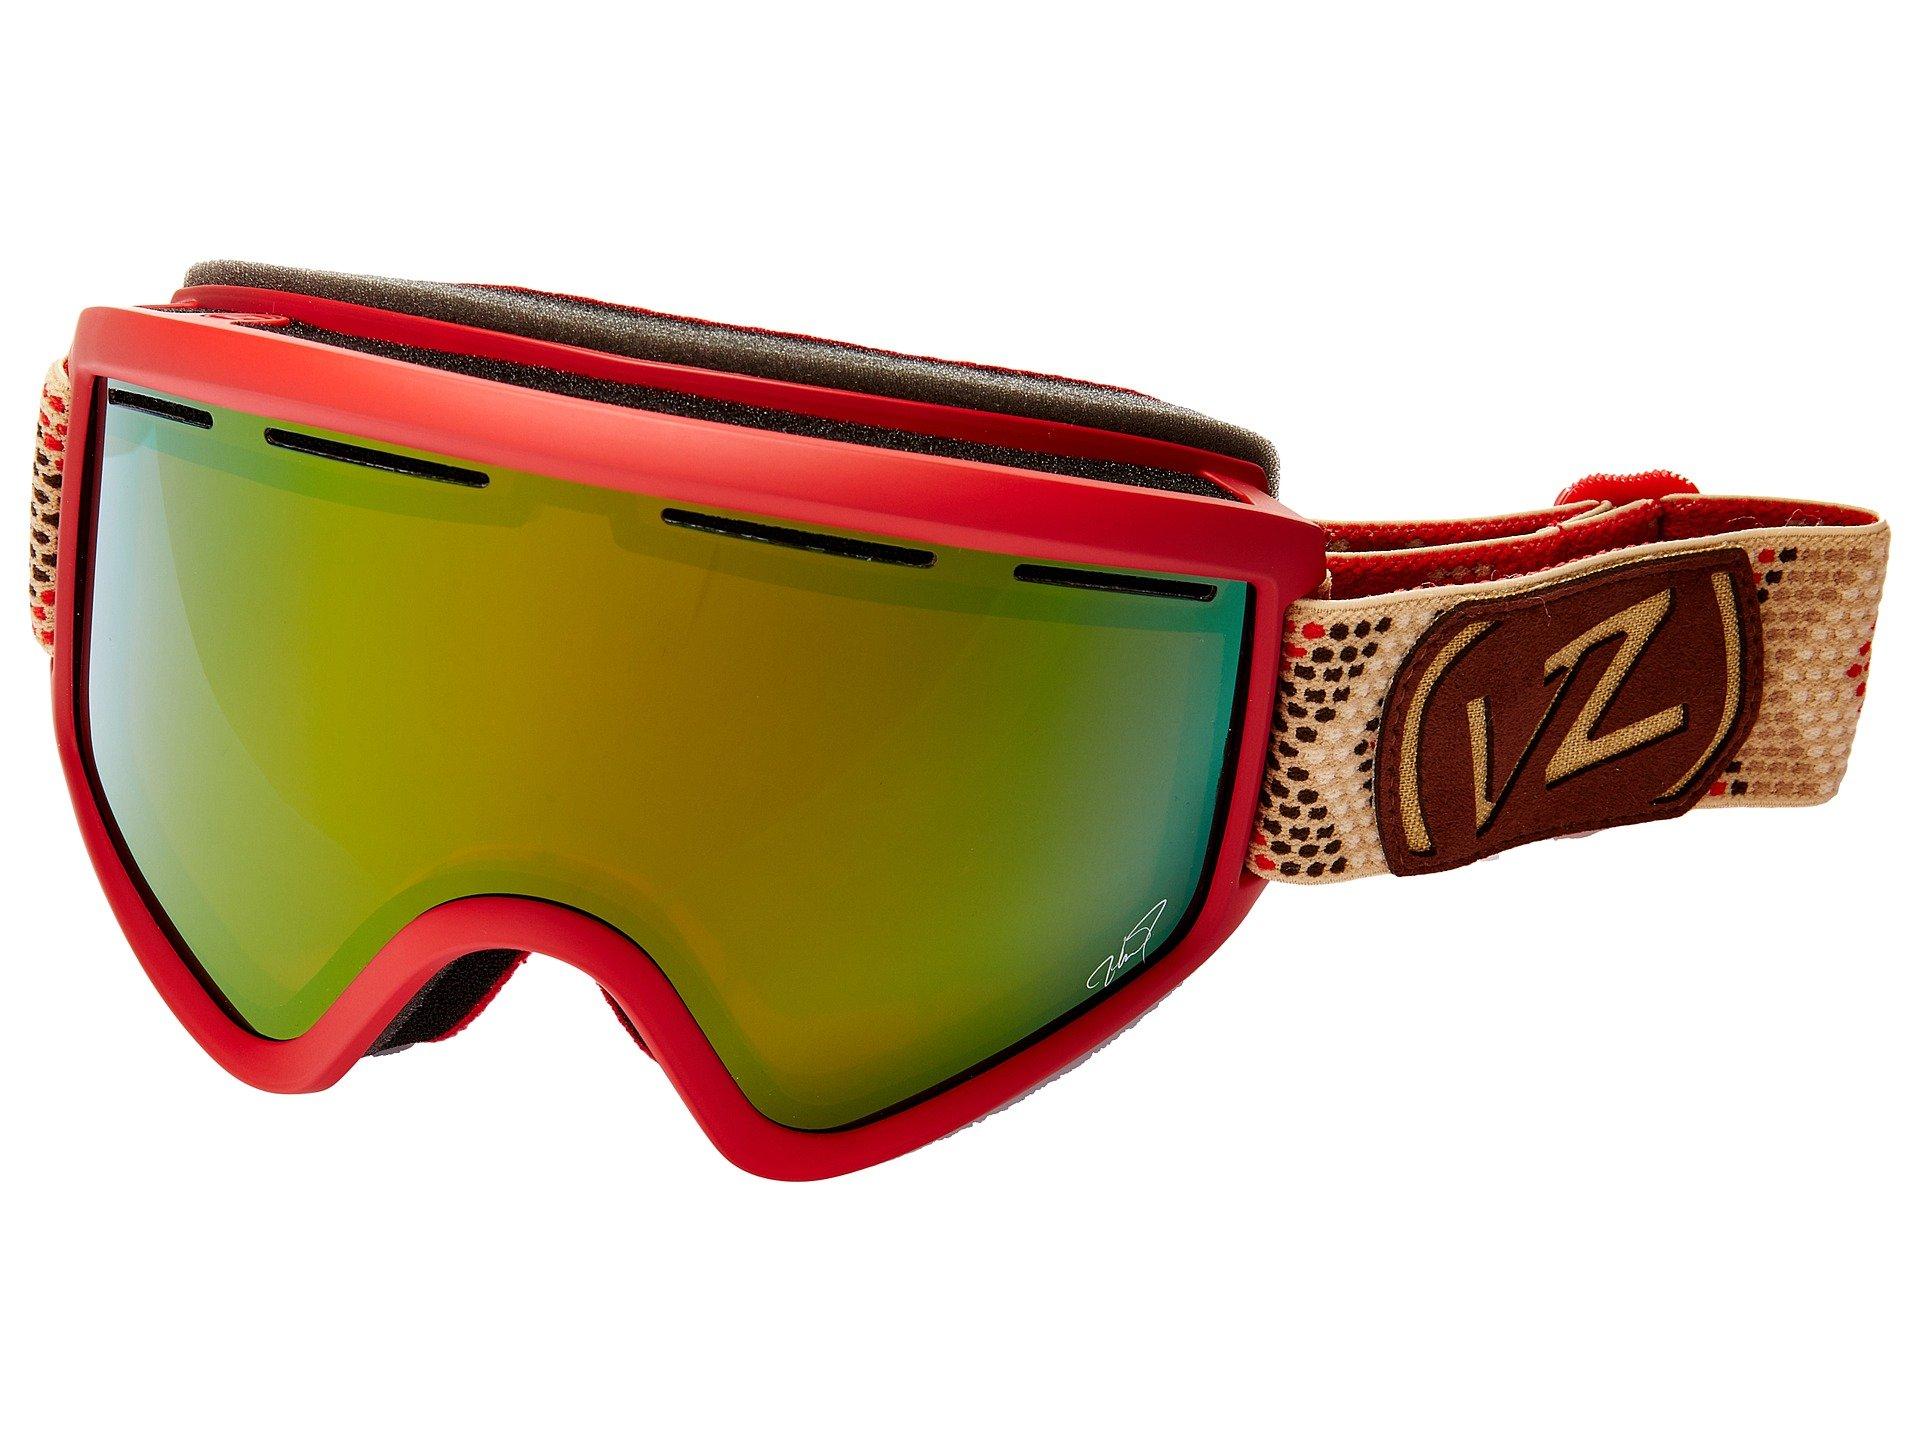 Snowboarding VonZipper Cleaver  + VonZipper en VeoyCompro.net